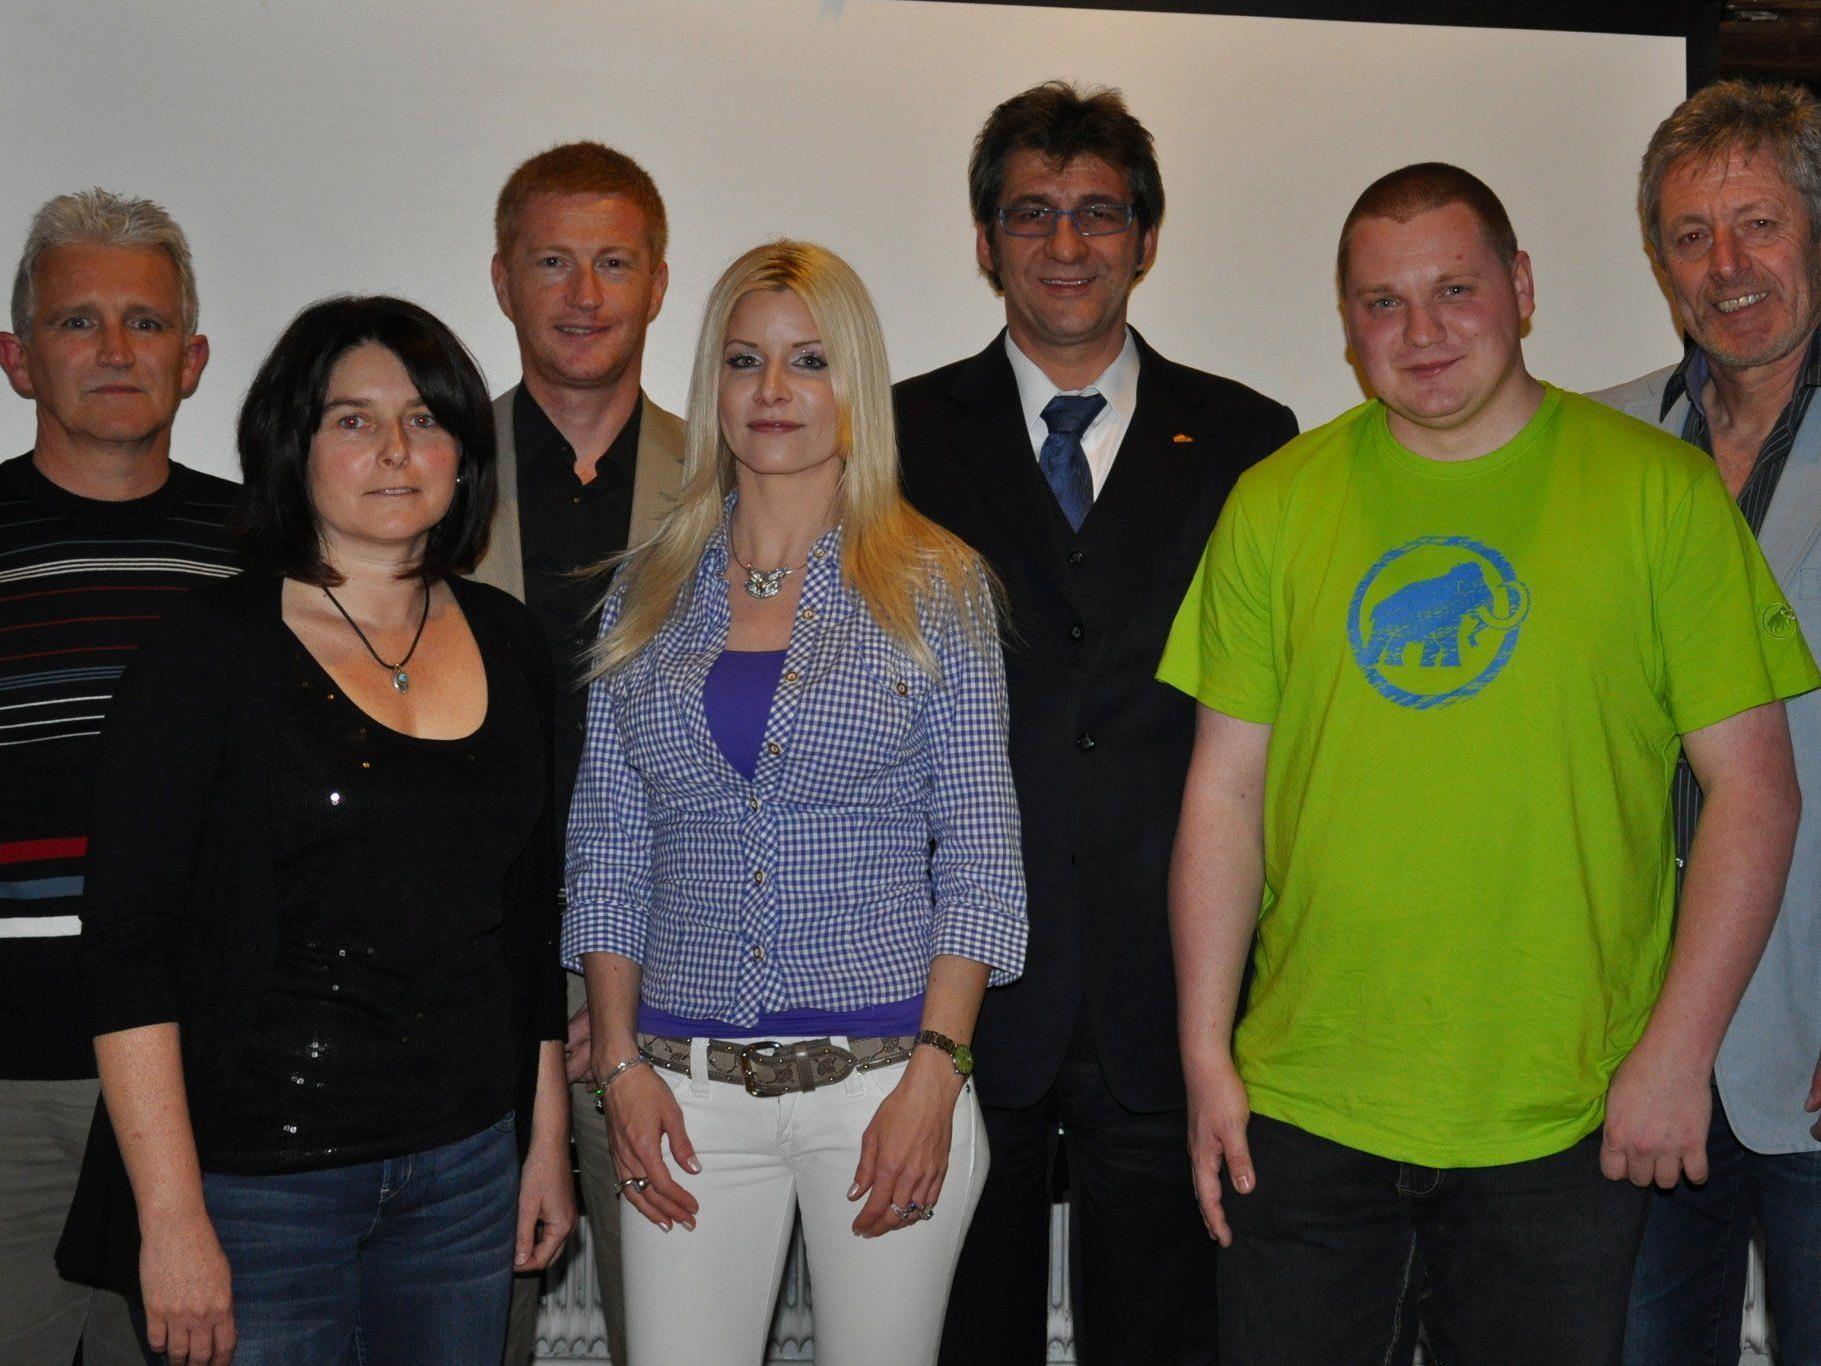 Der Vorstand des FFC fairvesta Vorderland.